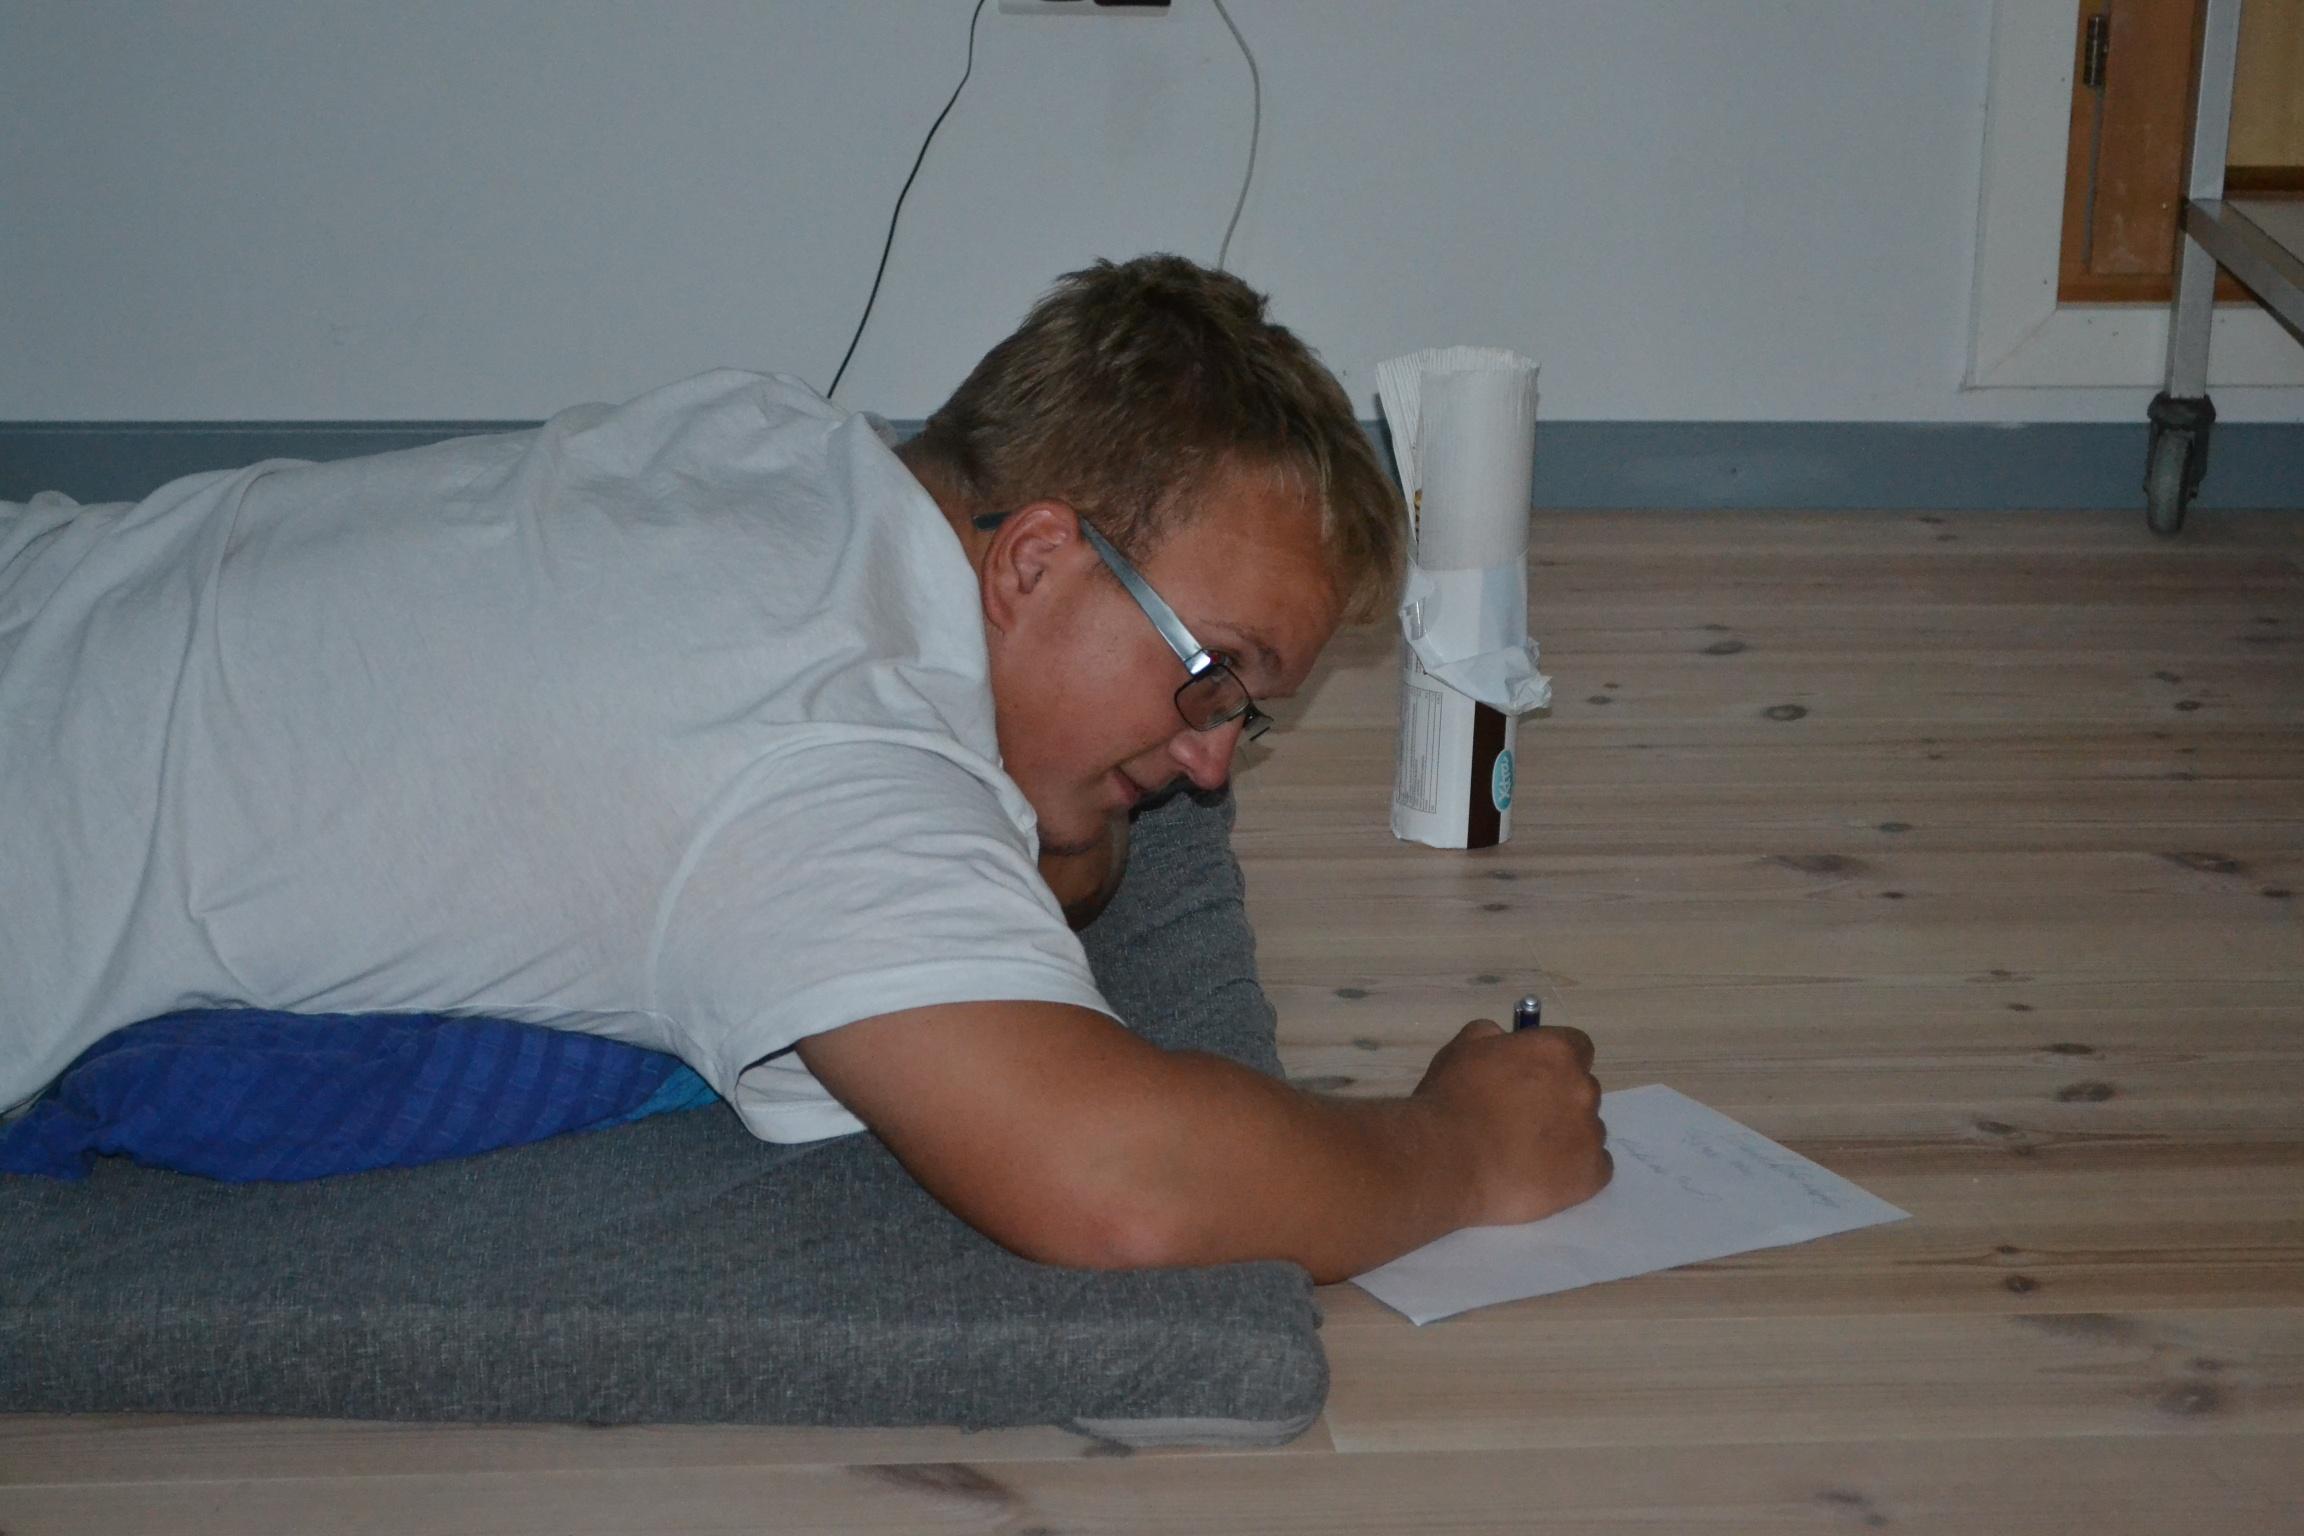 Jan hoff consulting bilder news infos aus dem web for Raumgestaltung vonhoff